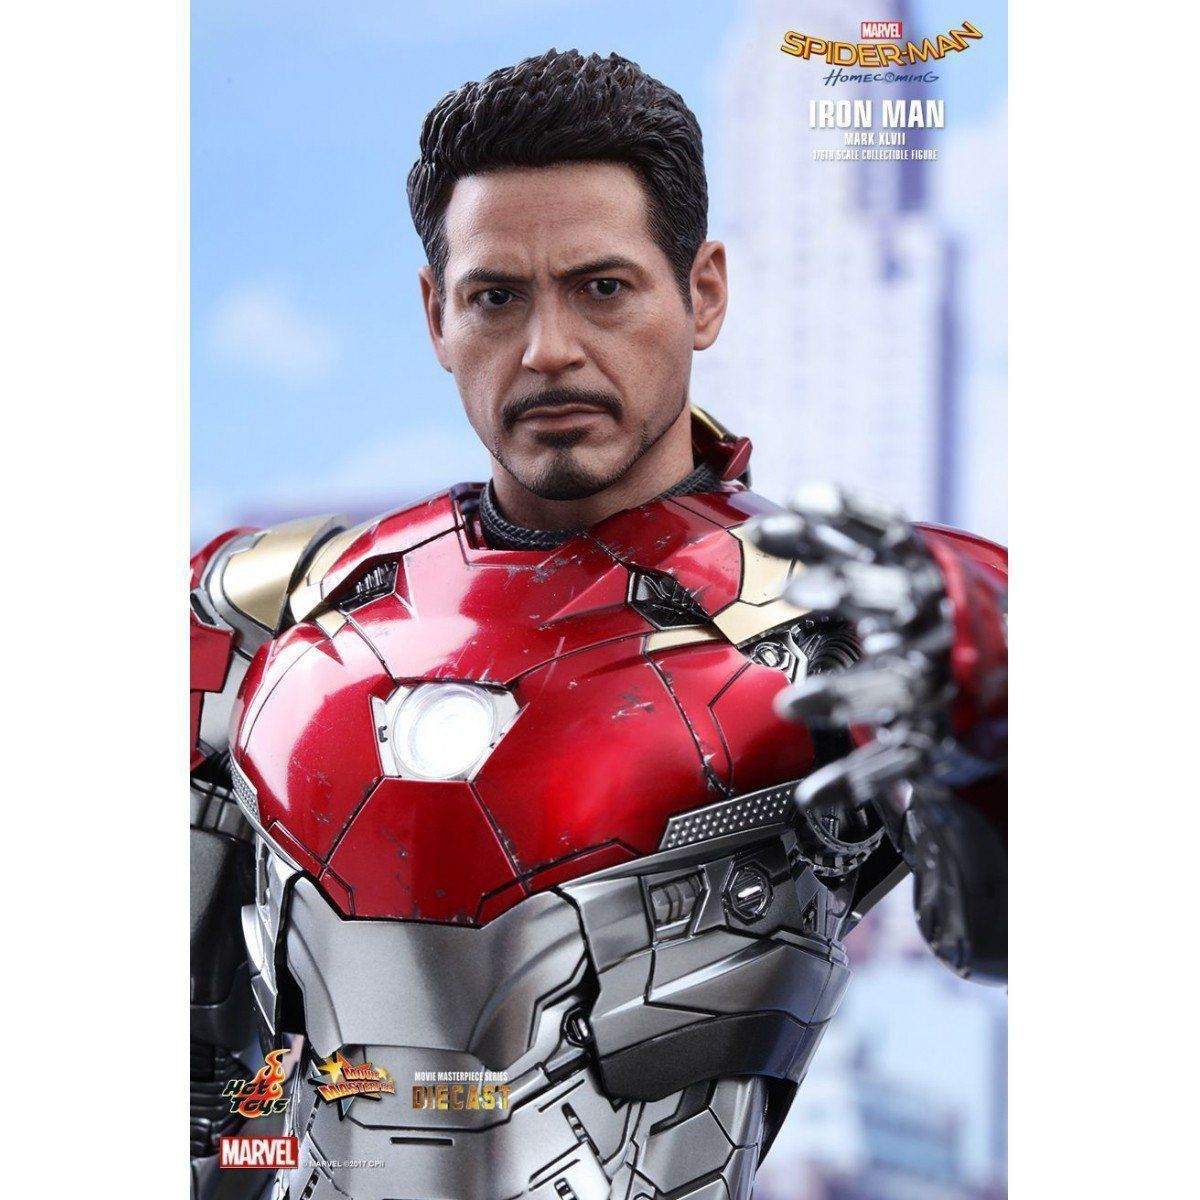 PRÉ VENDA: Boneco Homem de Ferro Mark XLVII (Iron Man): Homem-Aranha De Volta ao Lar (Spider-Man Homecoming) Escala 1/6 - Hot Toys